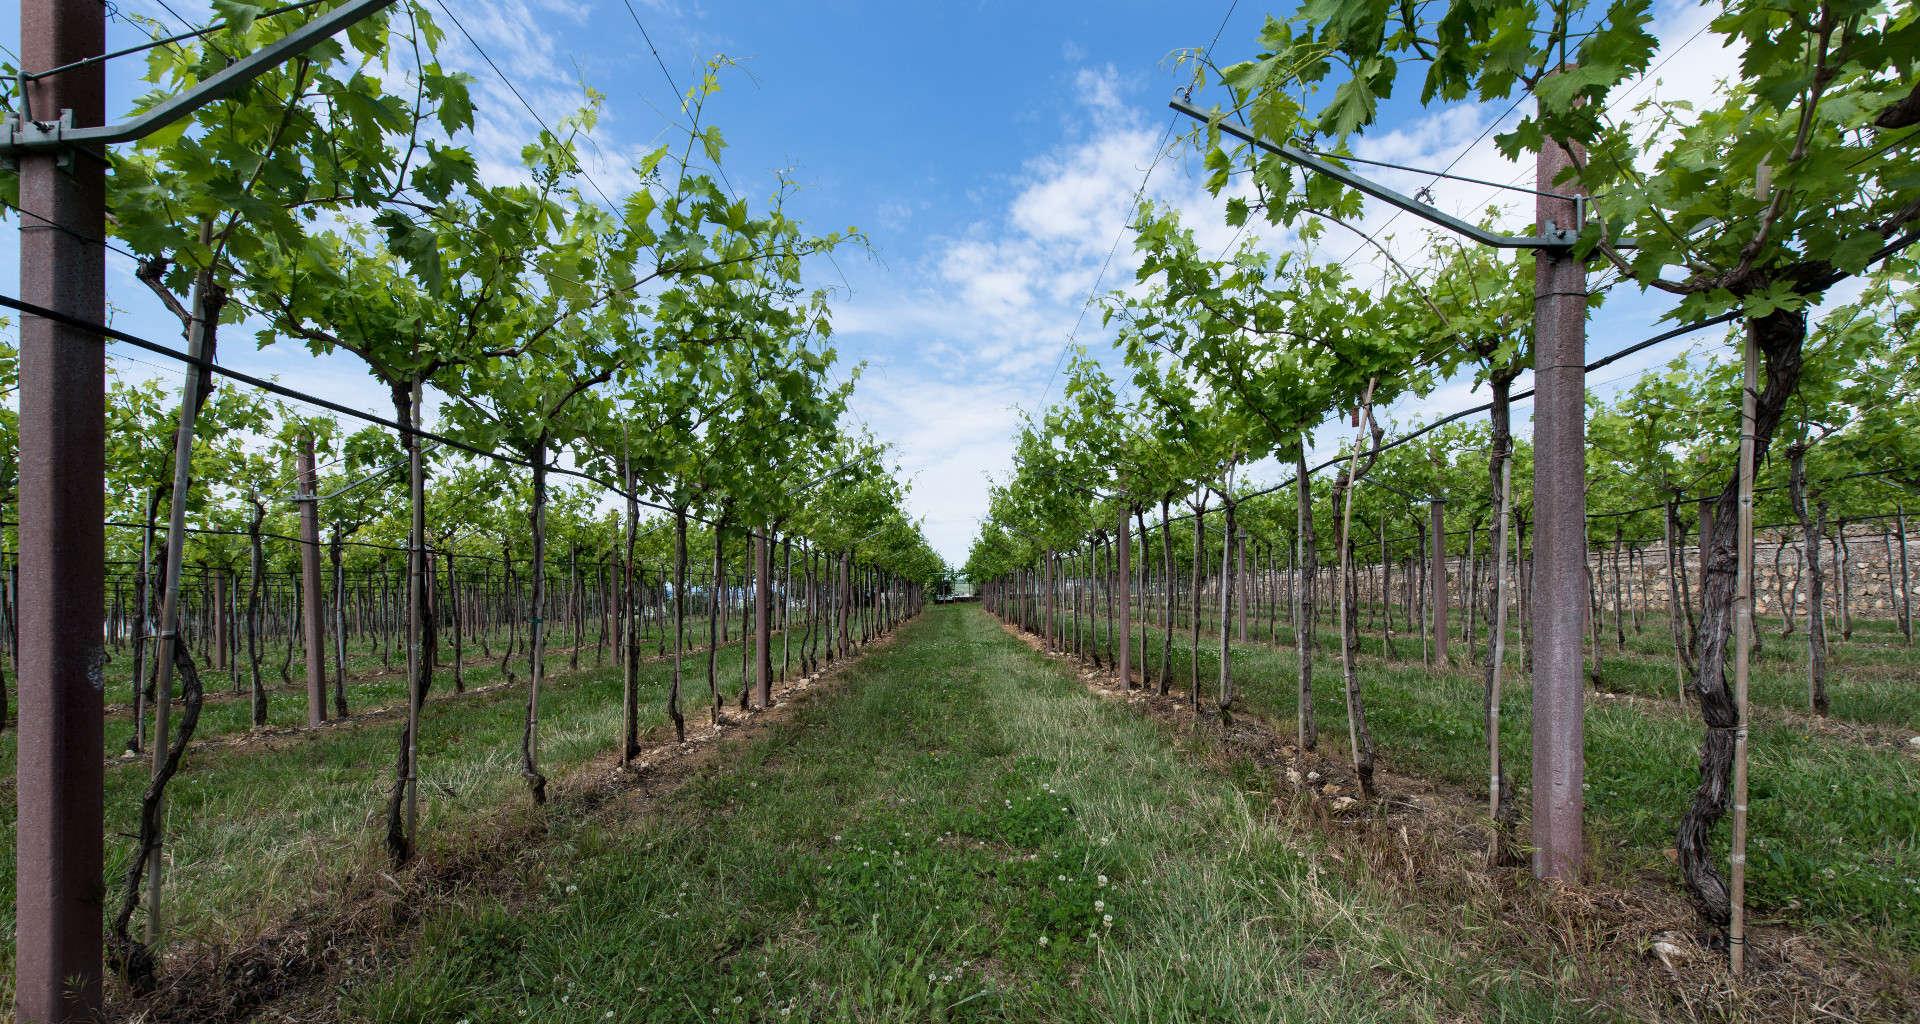 Già nella metà del 1800, Santa Sofia era apprezzata per l'ottima qualità dei suoi vini, prodotti con le uve attentamente selezionate dalle zone più vocate e meglio esposte delle colline circostanti.